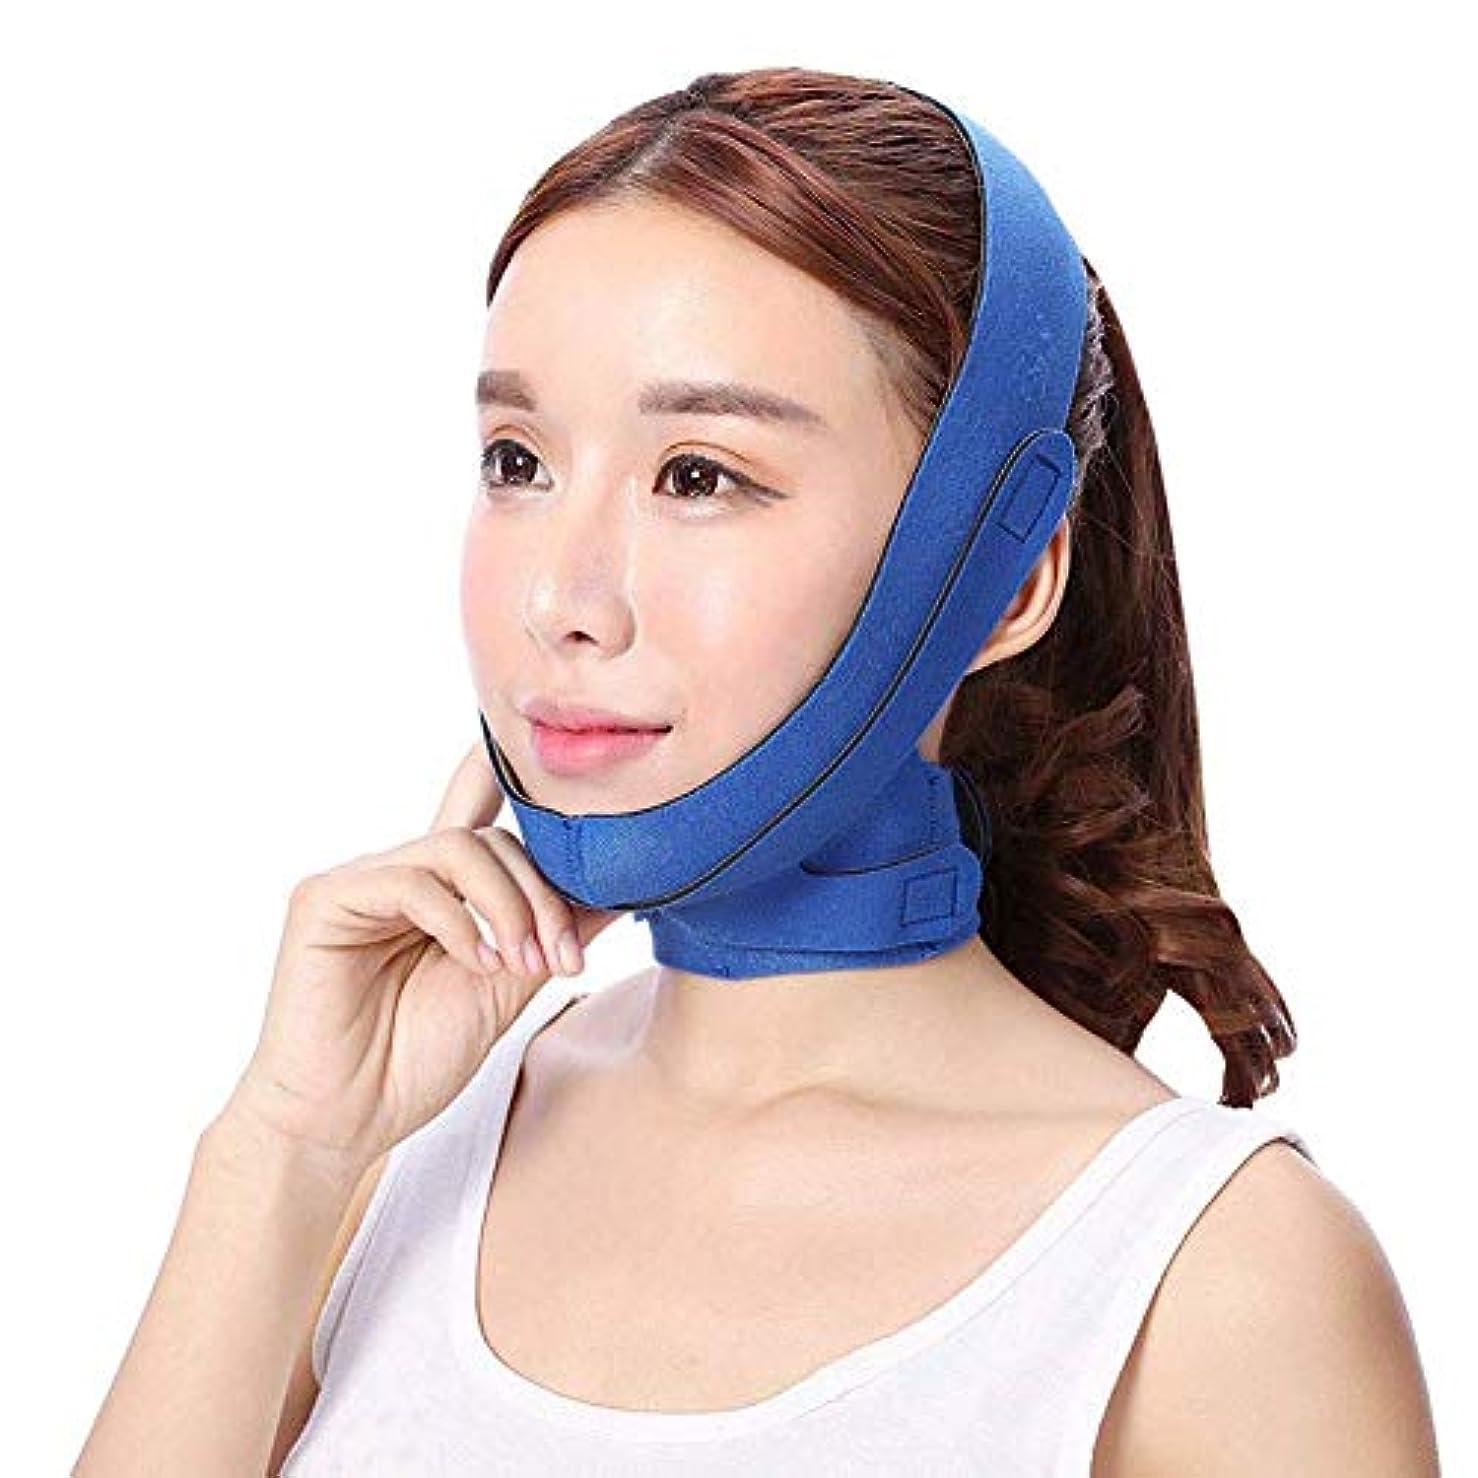 お金確立します寸前フェイスリフティング包帯、薄いフェイスマスクVベルト/痩身包帯あご口腔マスク赤面